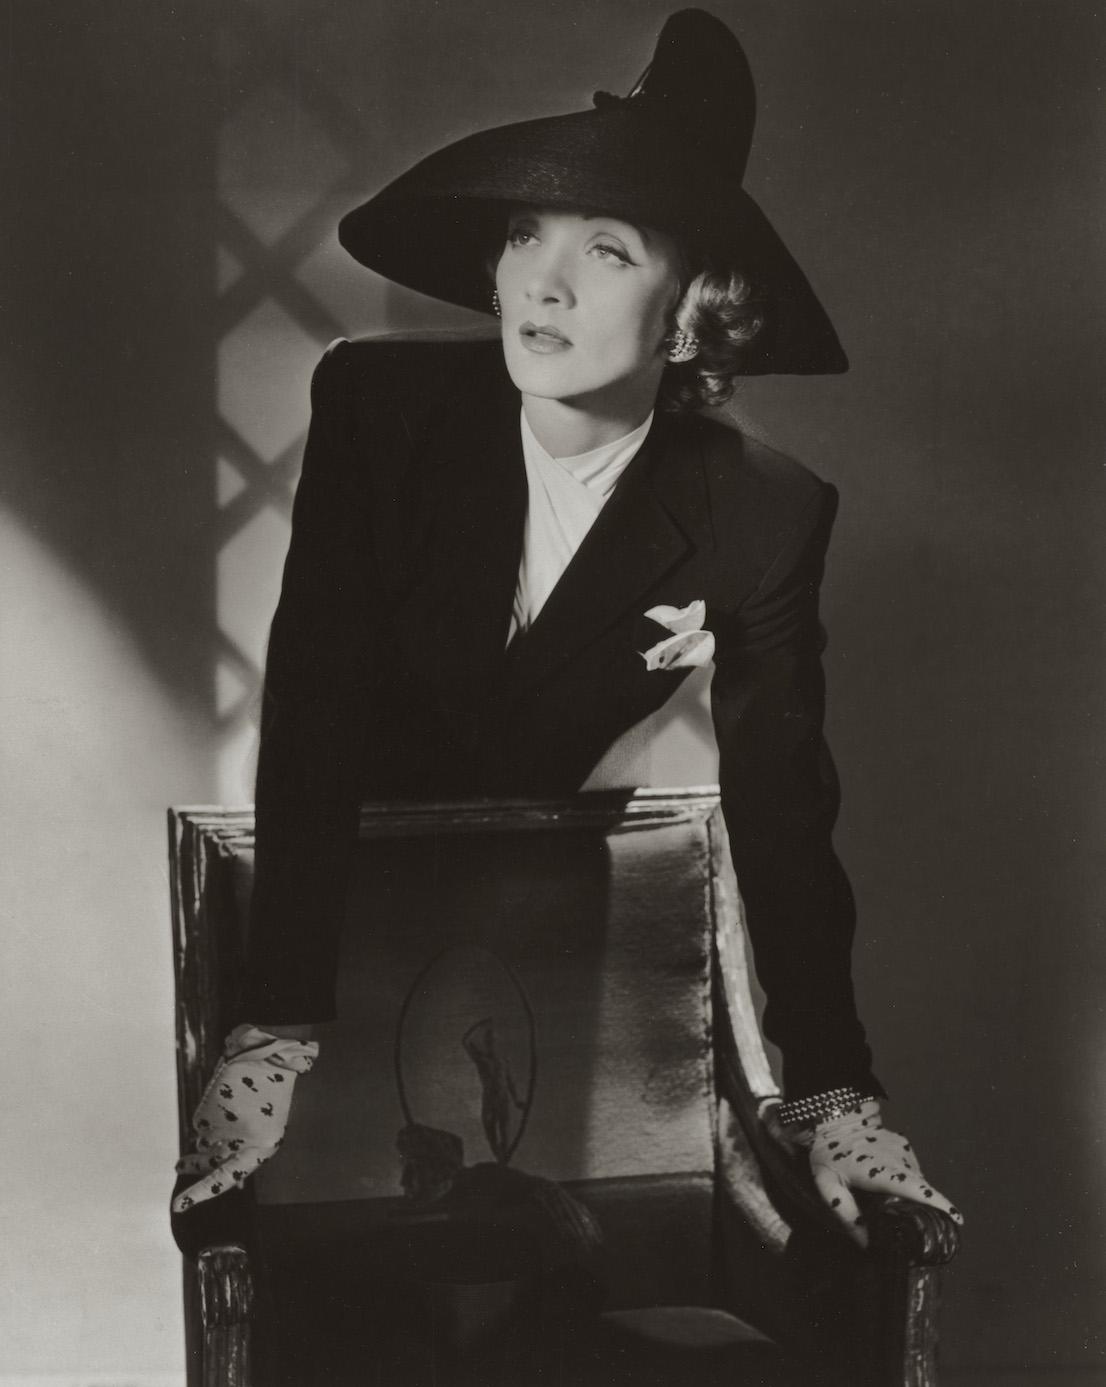 Marlene Dietrich, New York, 1942. © Condé Nast / Horst Estate.